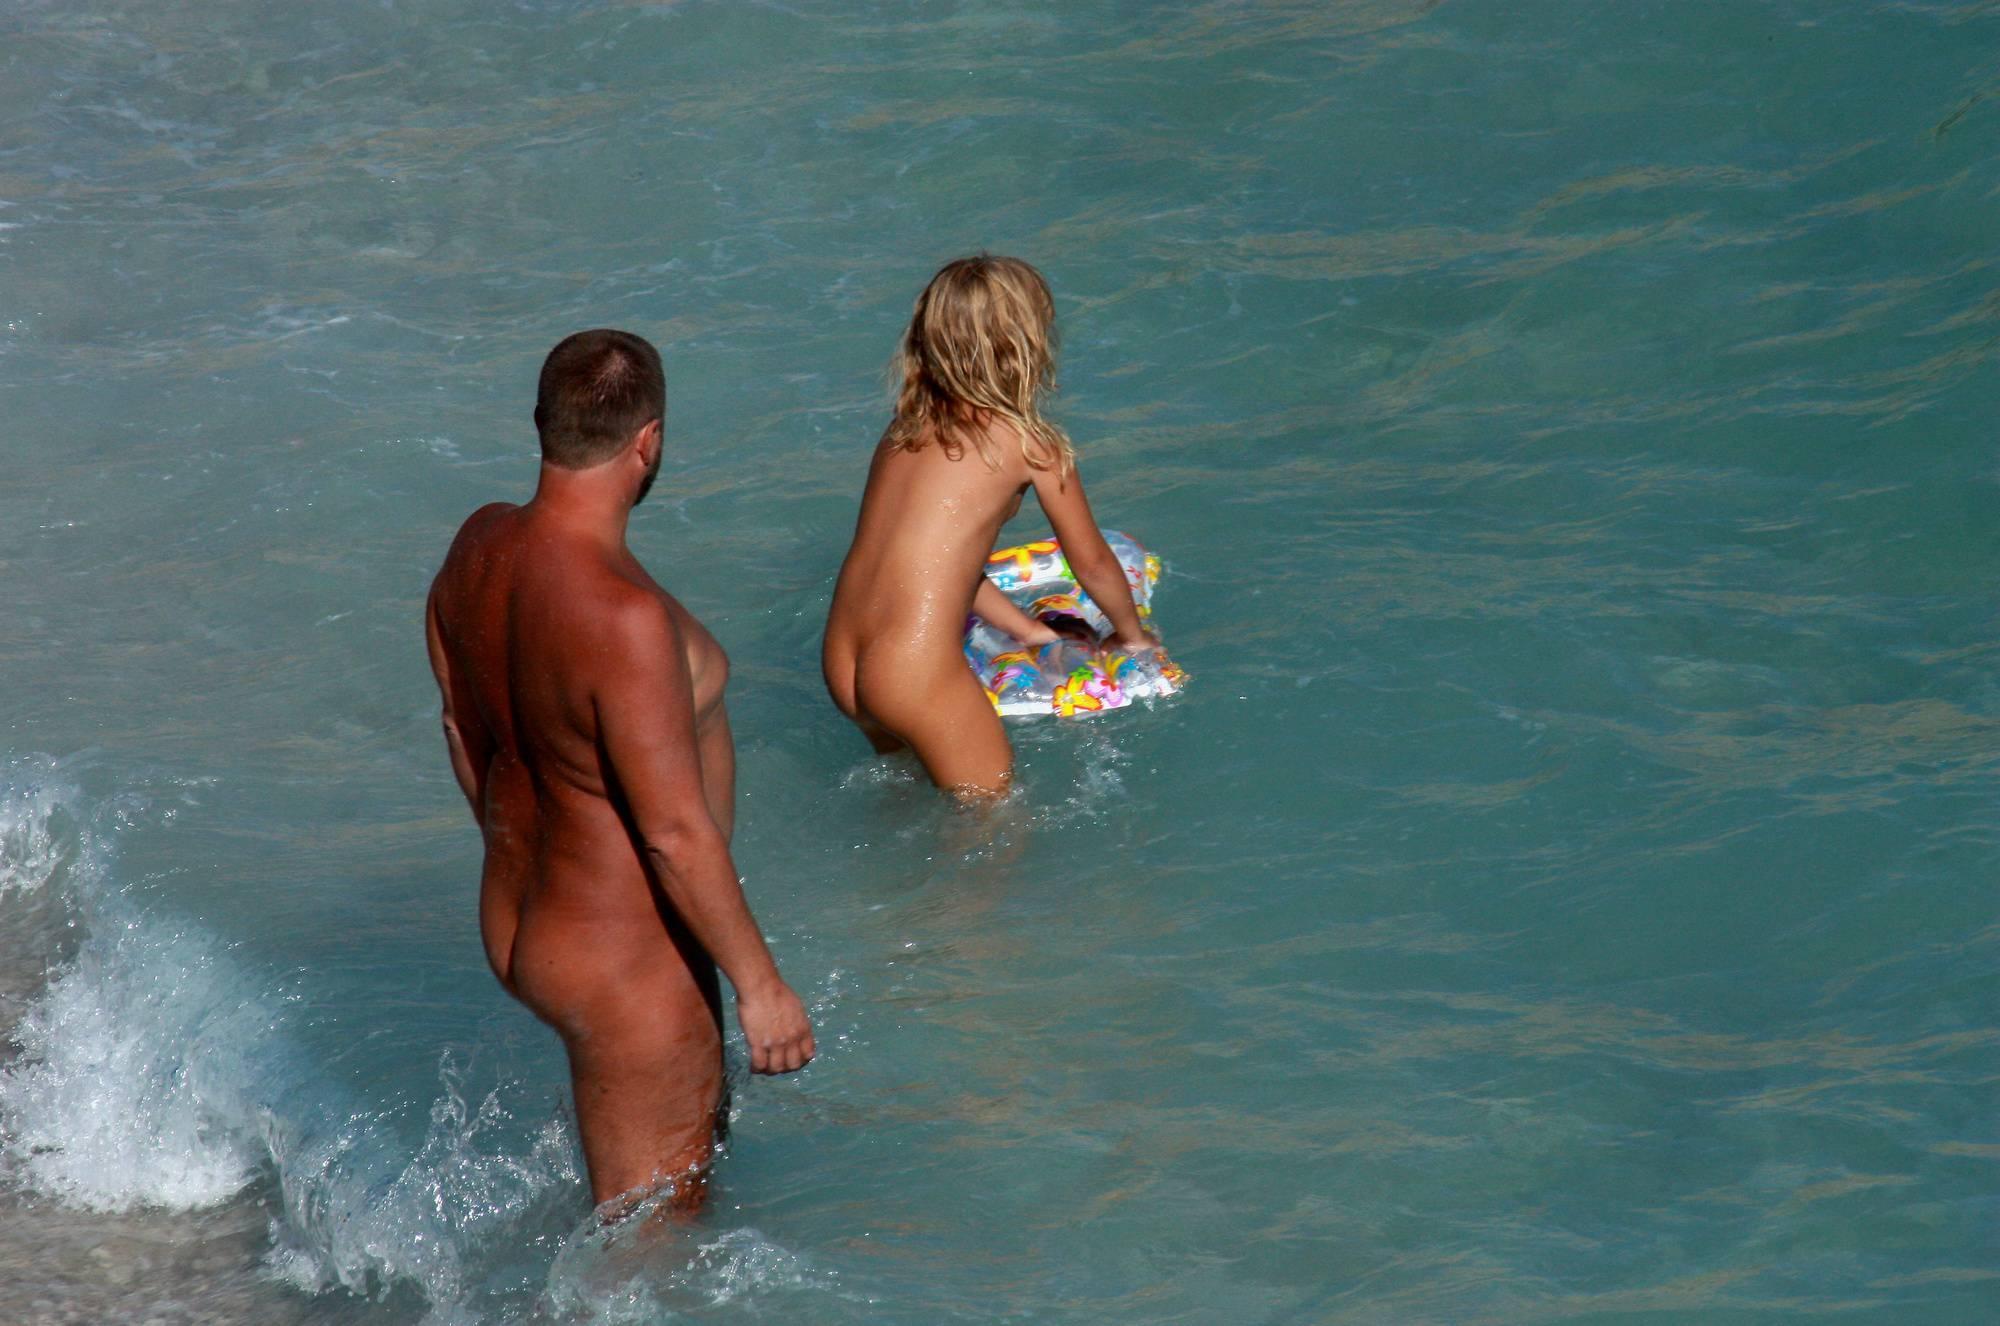 Nudist Photos Nudist Kid Family Floaters - 2